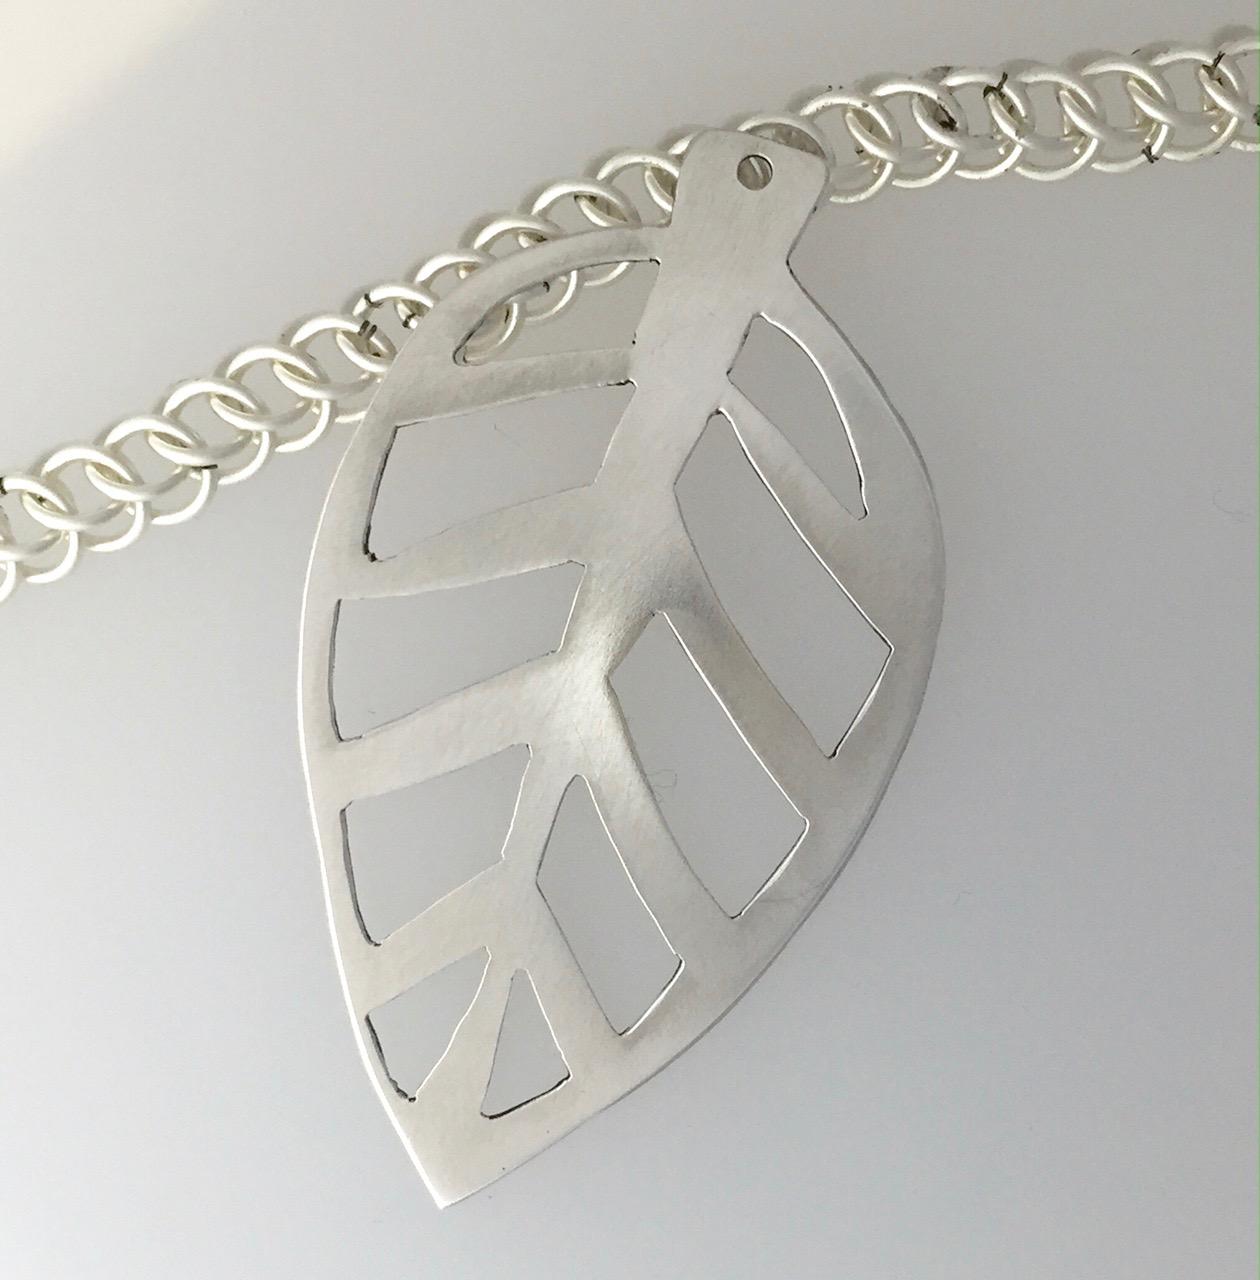 Pierced (sawed) silver leaf pendant